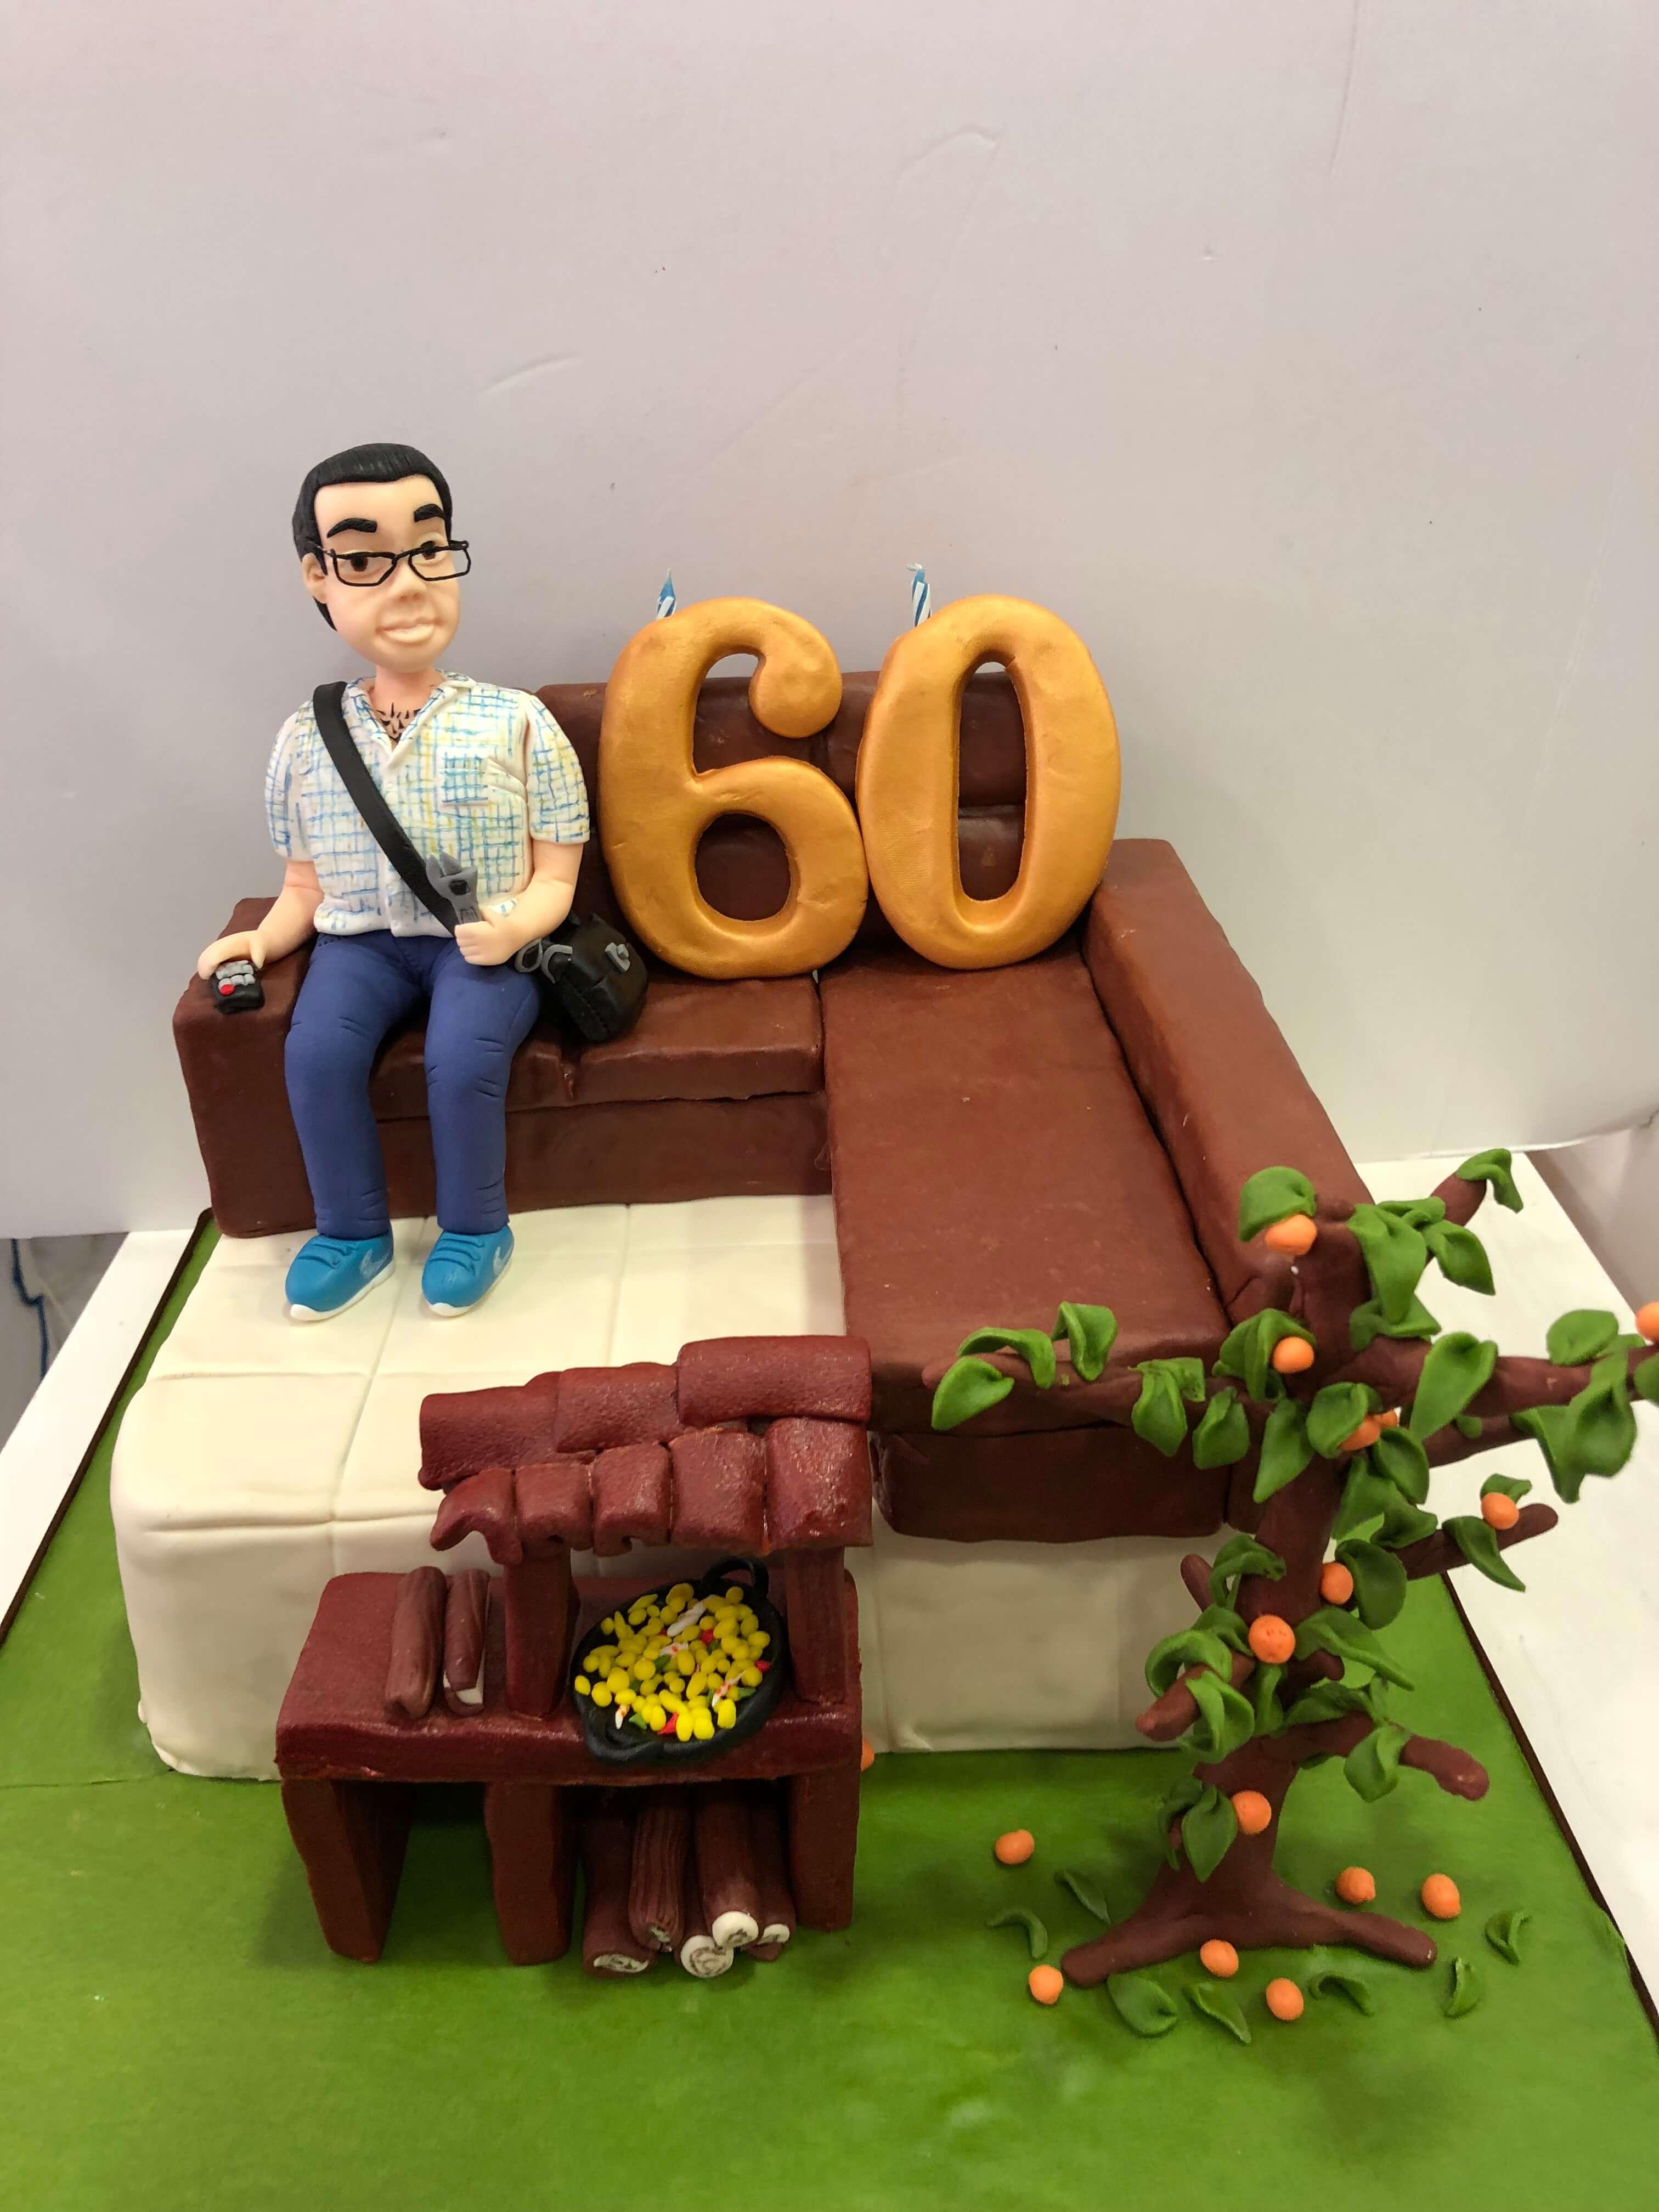 Tarta fondant 60 cumpleaños personalizada sosa señor abuelo chico coruña